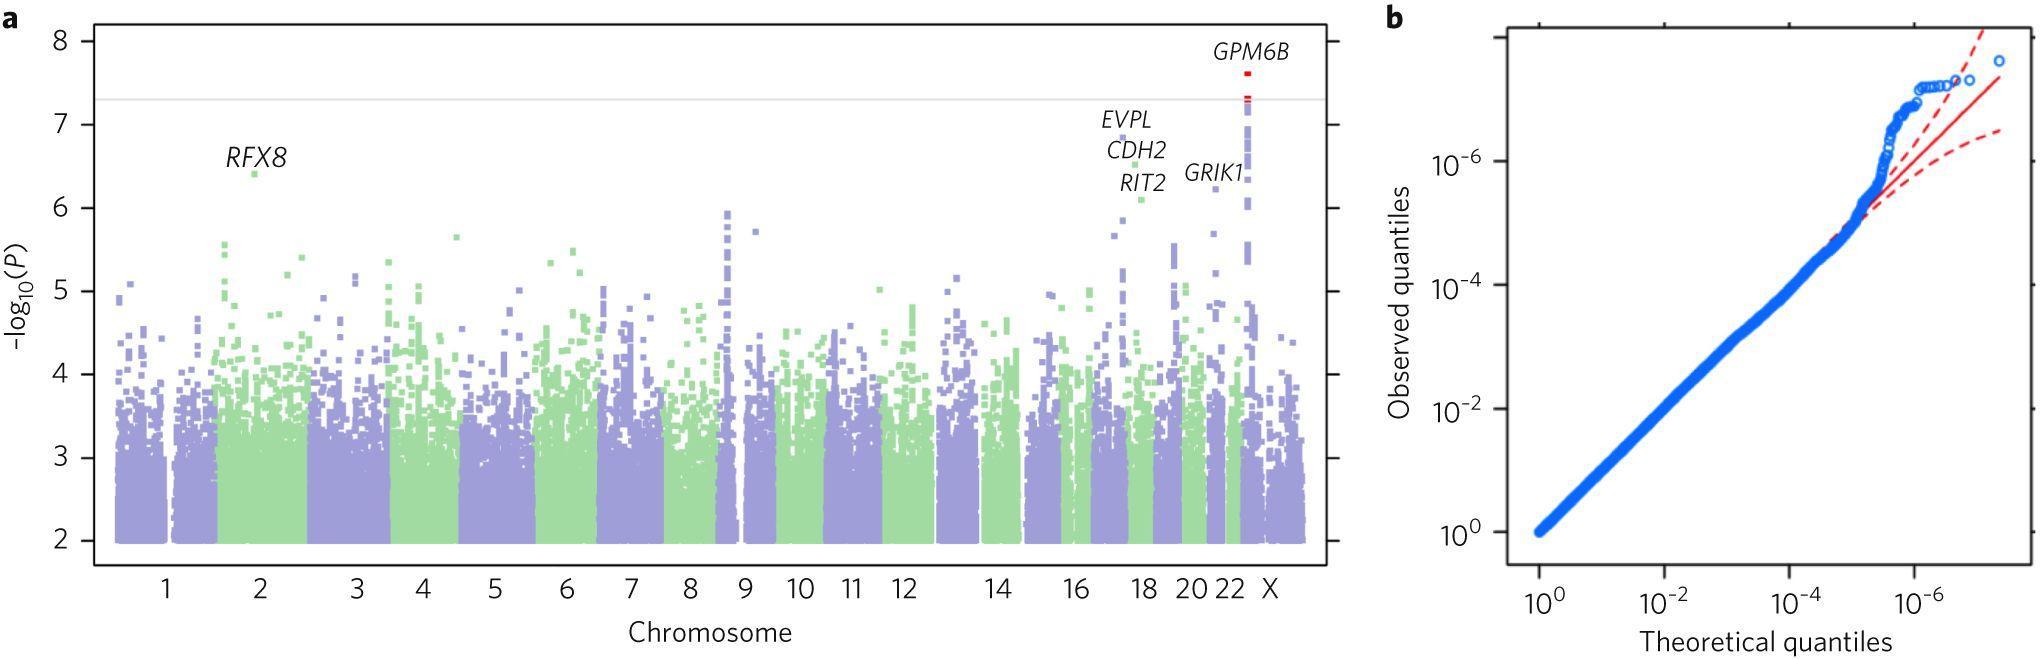 Ученые обнаружили генетические маркеры предрасположенности к немедленным наградам